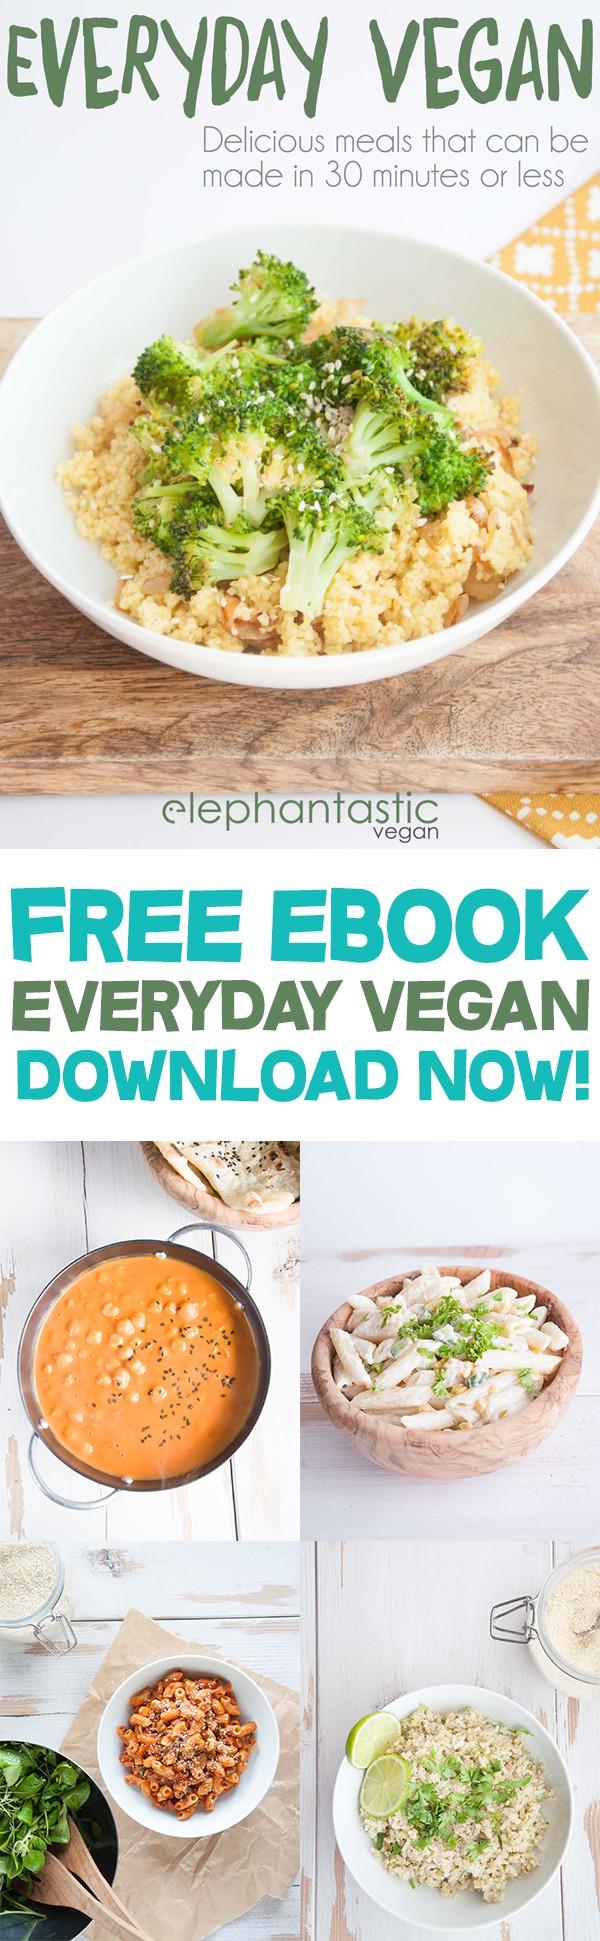 Everyday Vegan - Download your free copy now | ElephantasticVegan.com